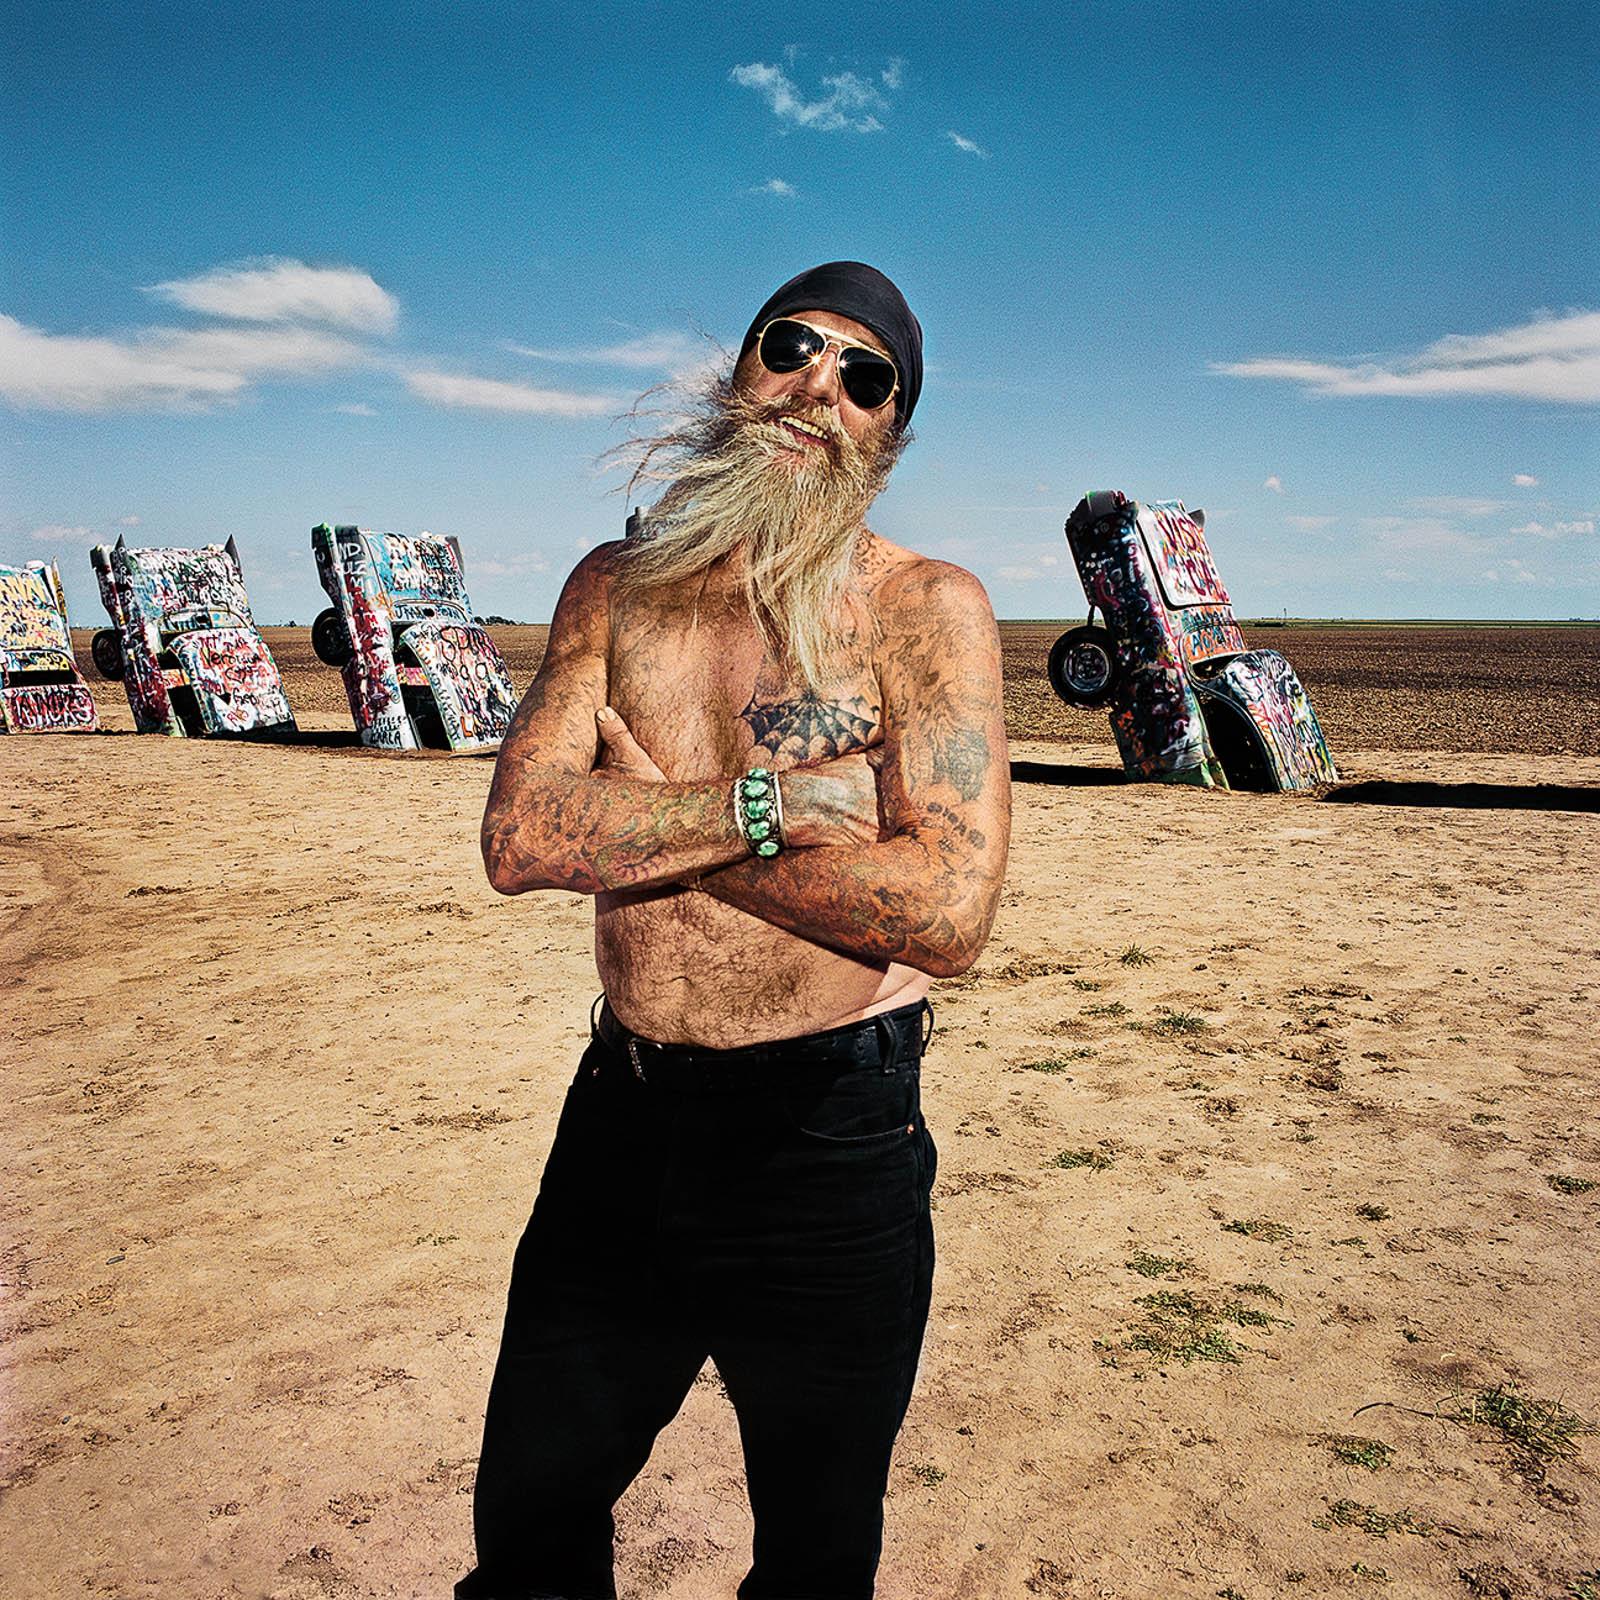 Tattoo Man at Cadillac Ranch, Amarillo, Texas 1998